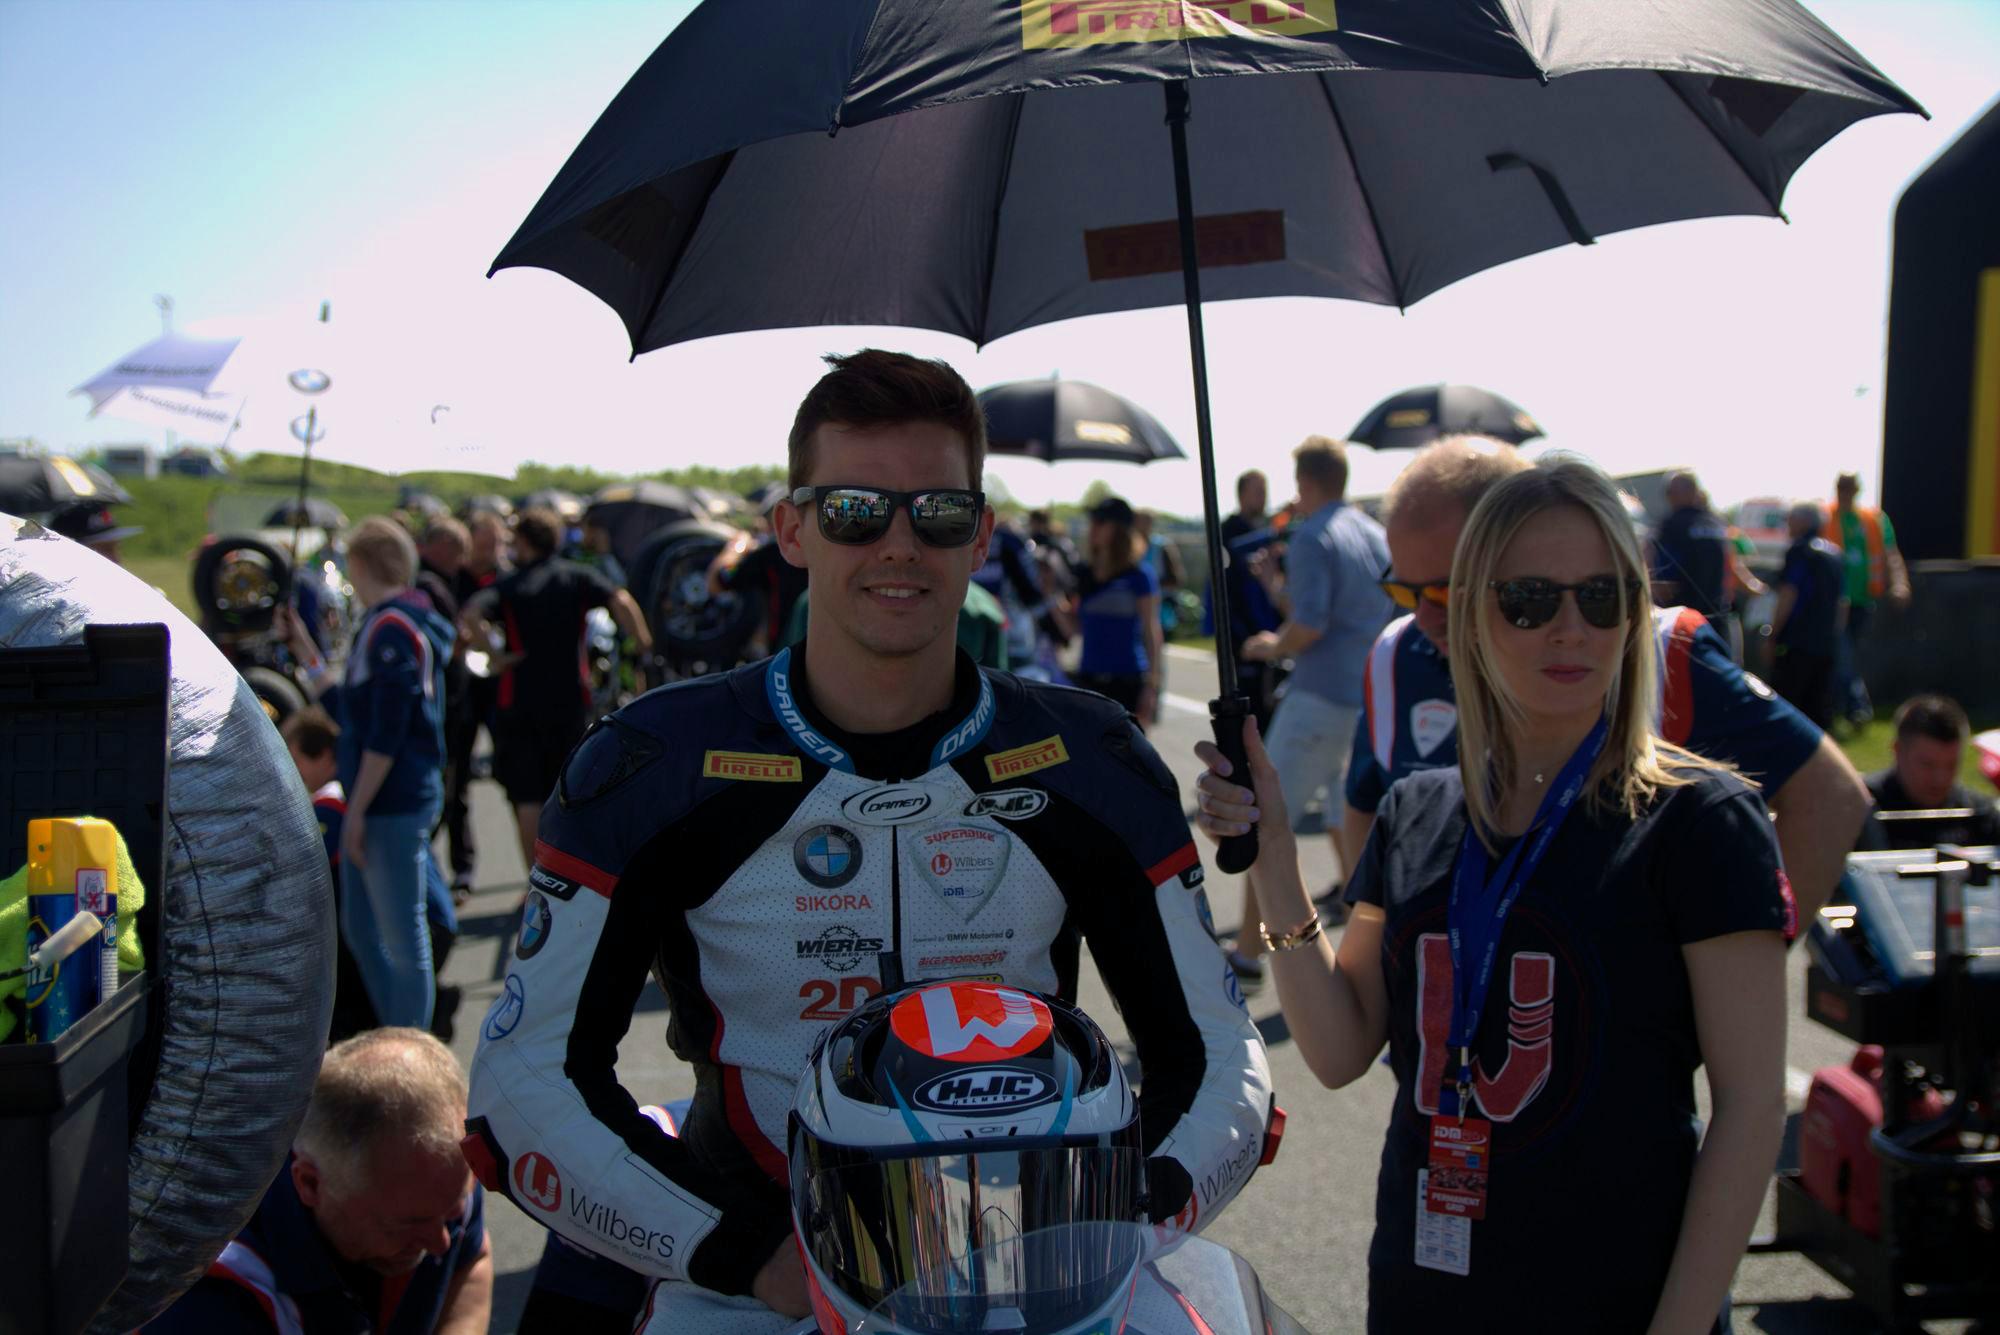 IDM 2018 Motorsportarena Oschersleben - Bastien Mackels, - Wilbers-BMW-Racing